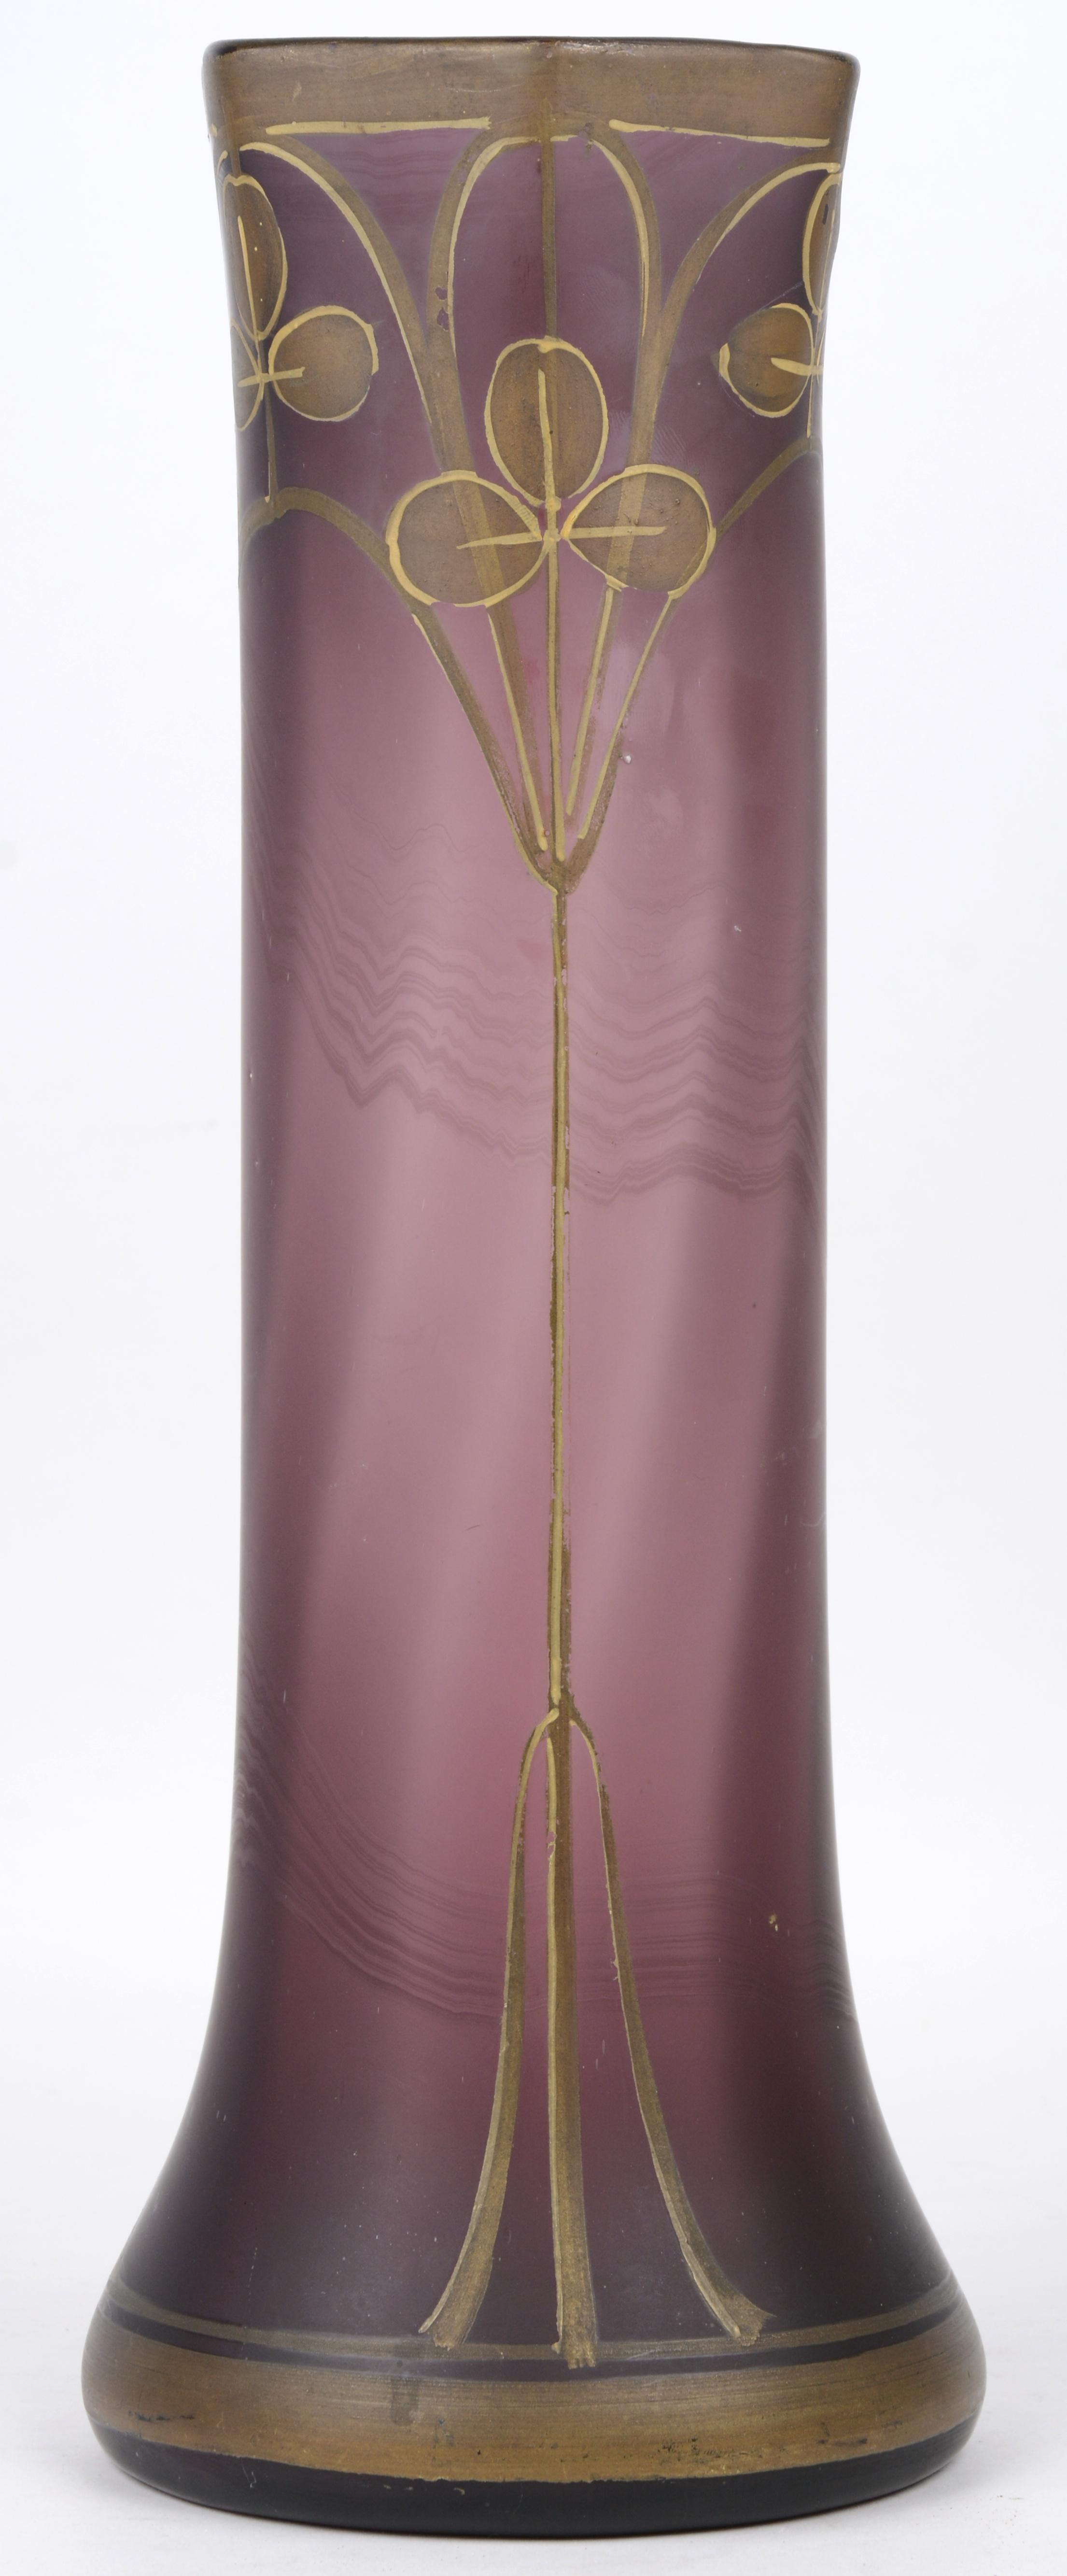 Een vaas mauve glas met een verguld art nouveau decor. Omstreeks 1900.